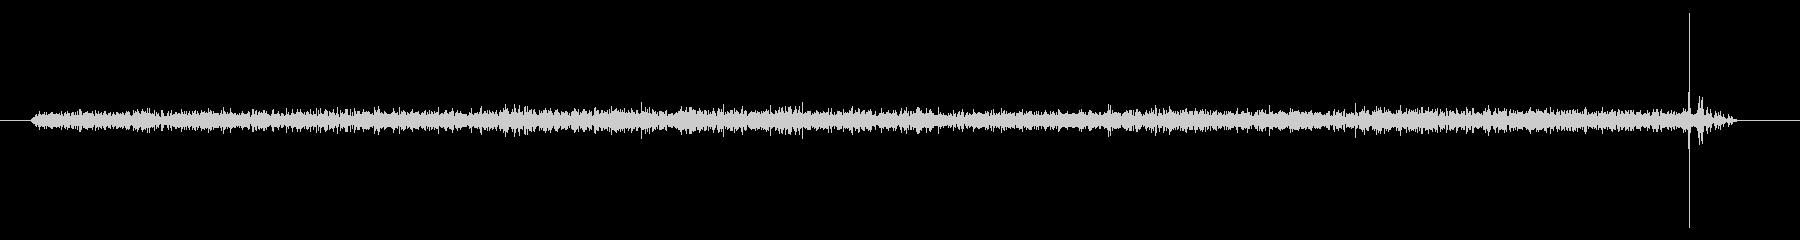 無線静的、クリックオフ、無線および...の未再生の波形